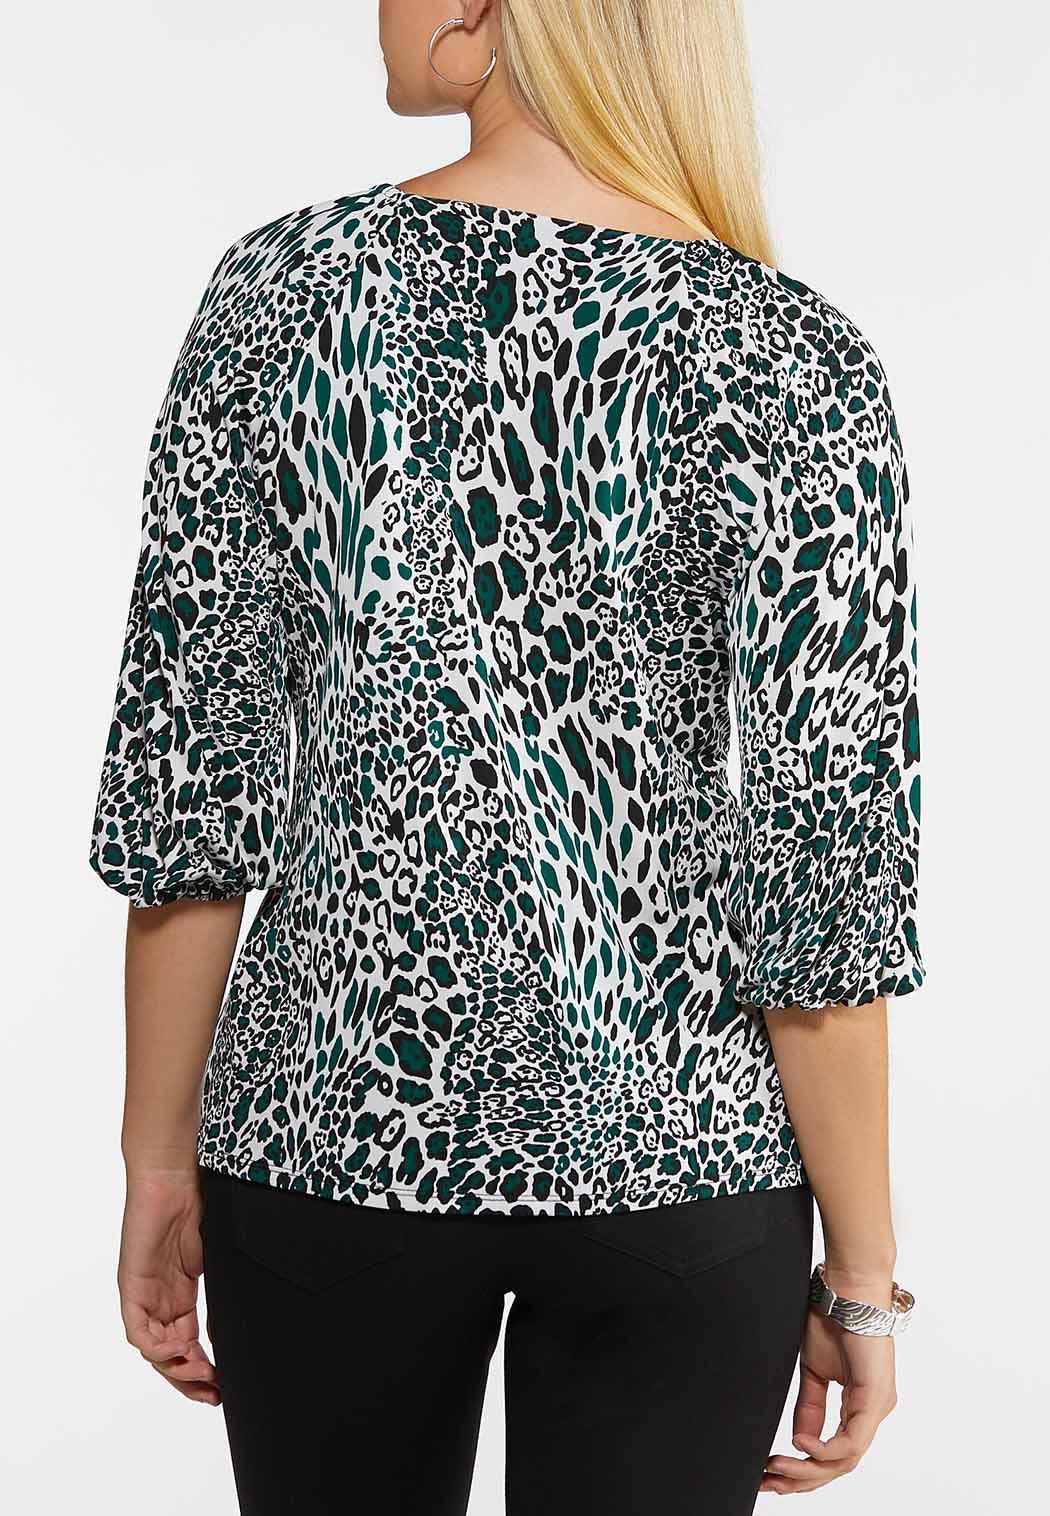 Green Leopard Top (Item #44041068)